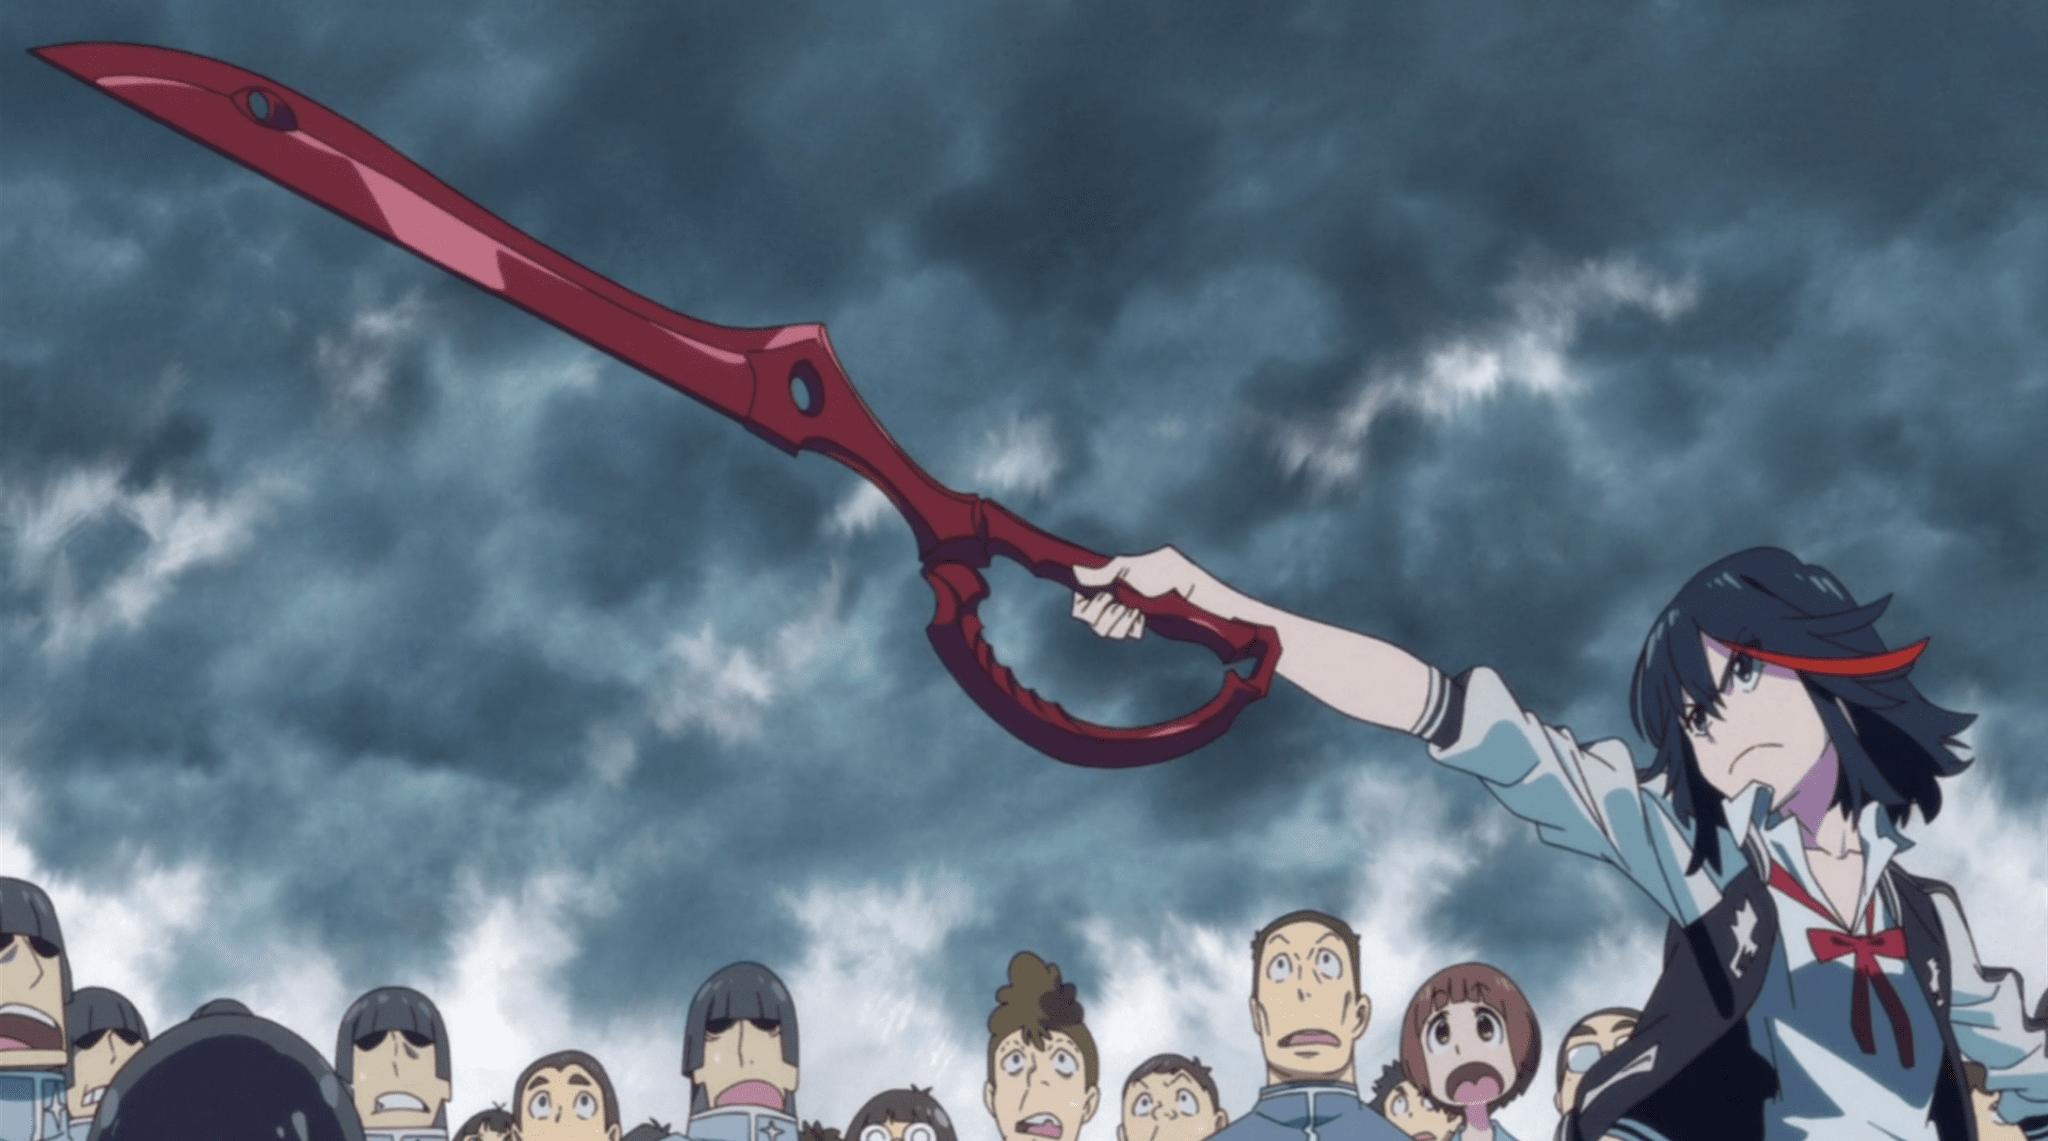 Ryuko Matoi holding her scissor blade